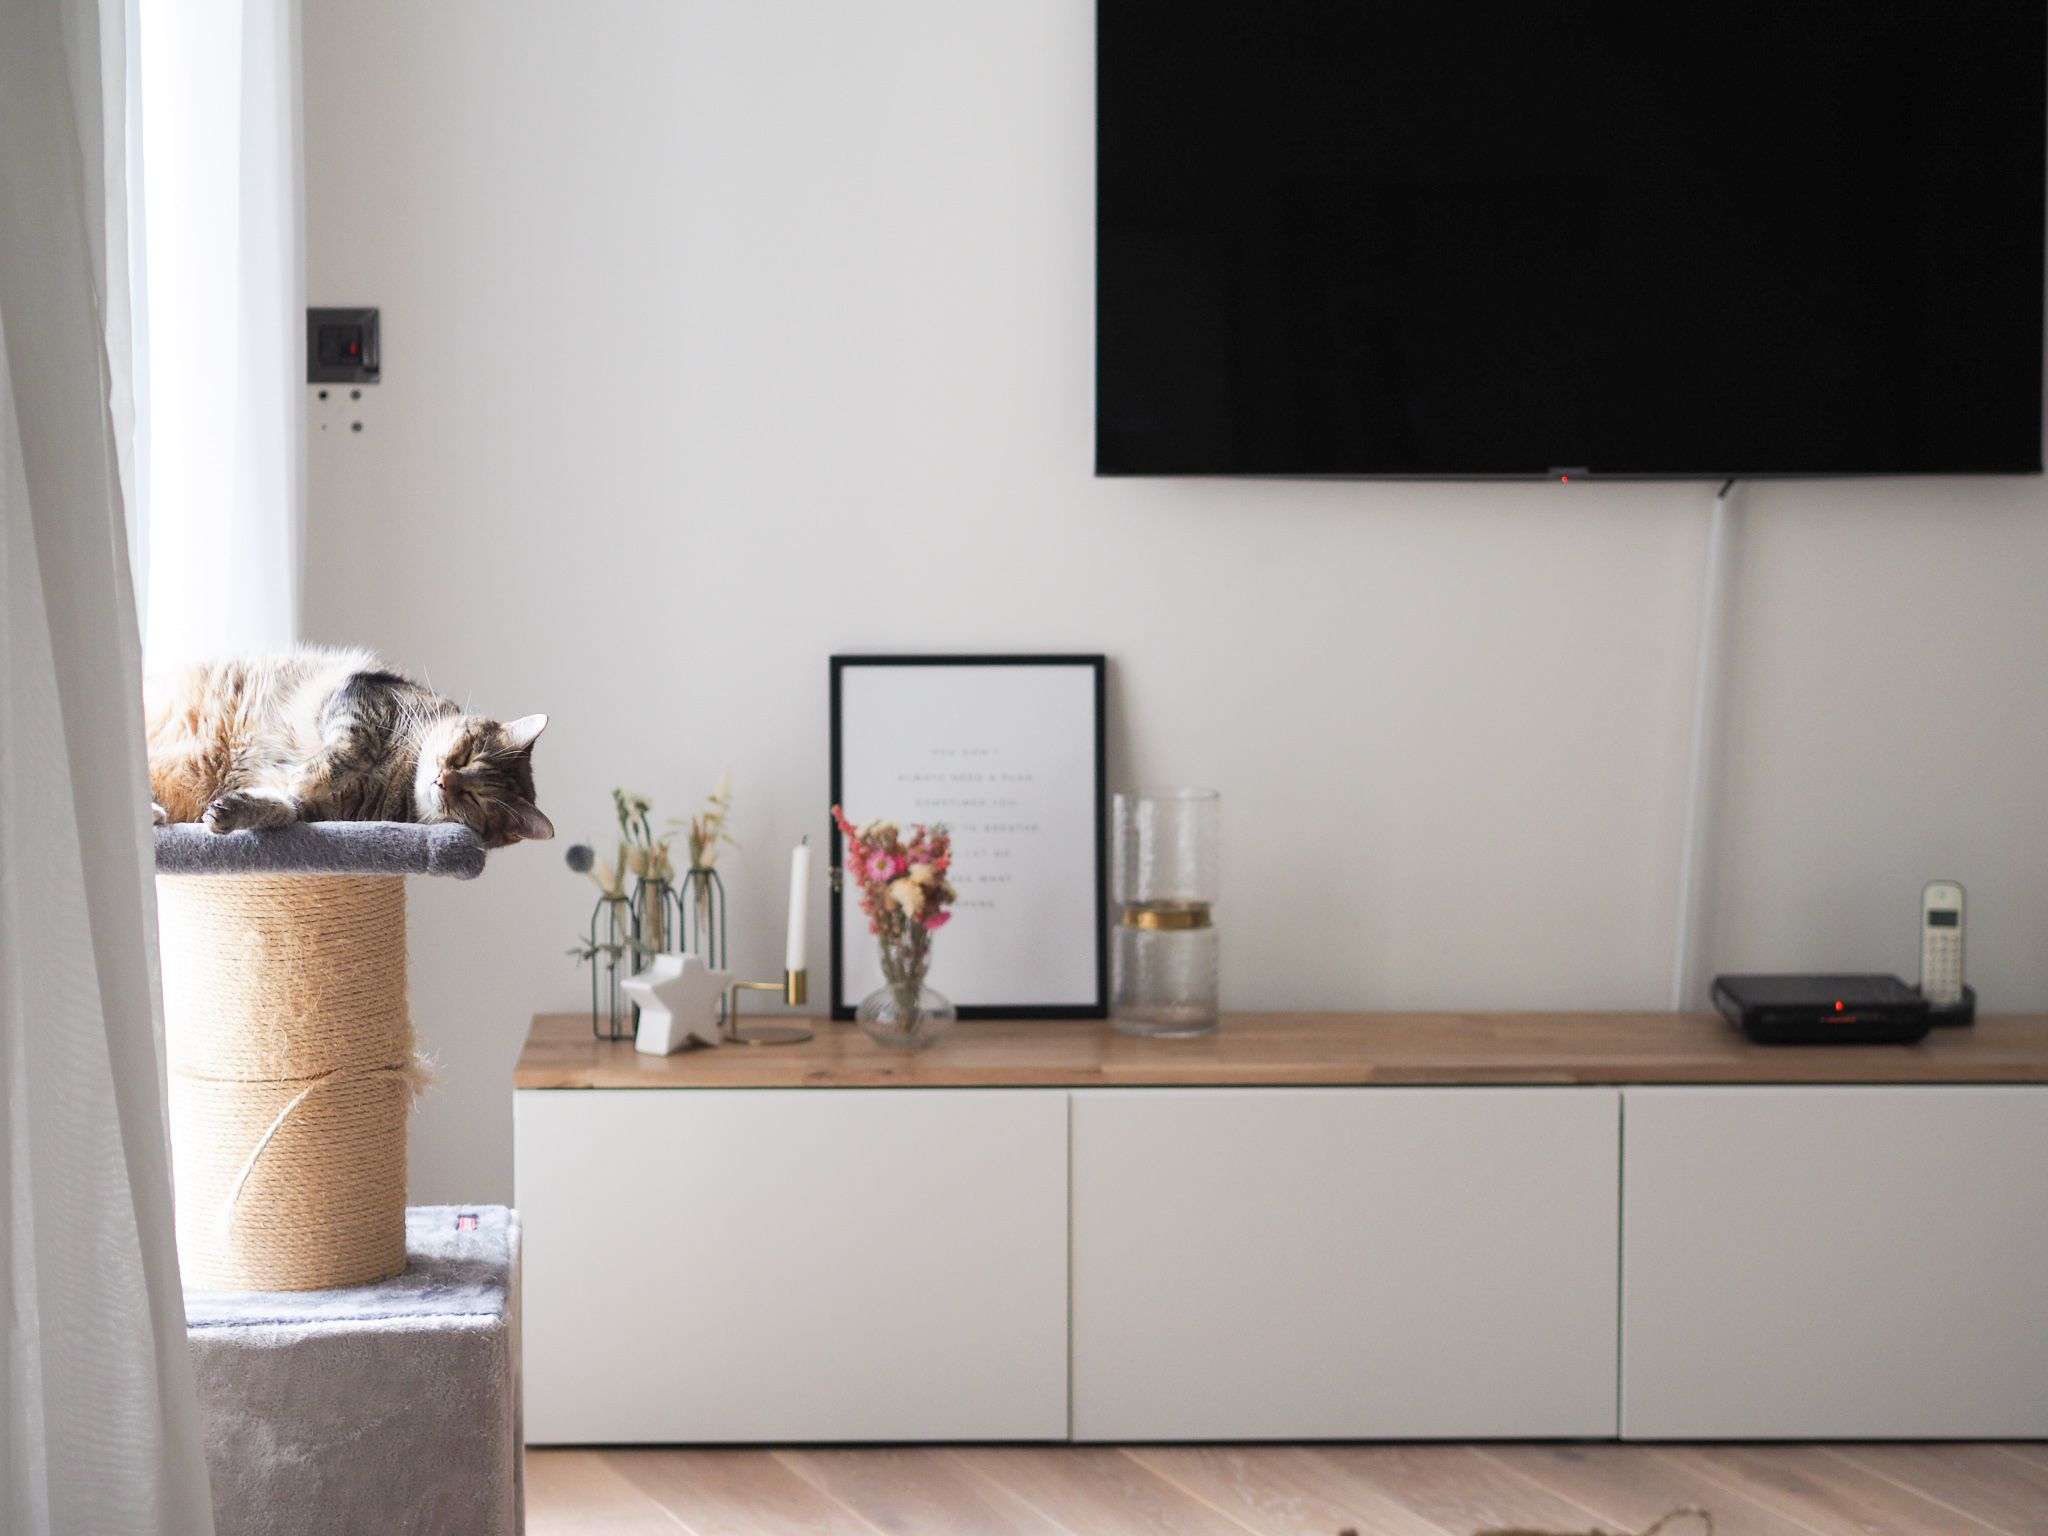 Diy N 2 Le Meuble Tv Revisite Simon Ette En 2020 Diy Meuble Ikea Meuble Tv Deco Salle A Manger